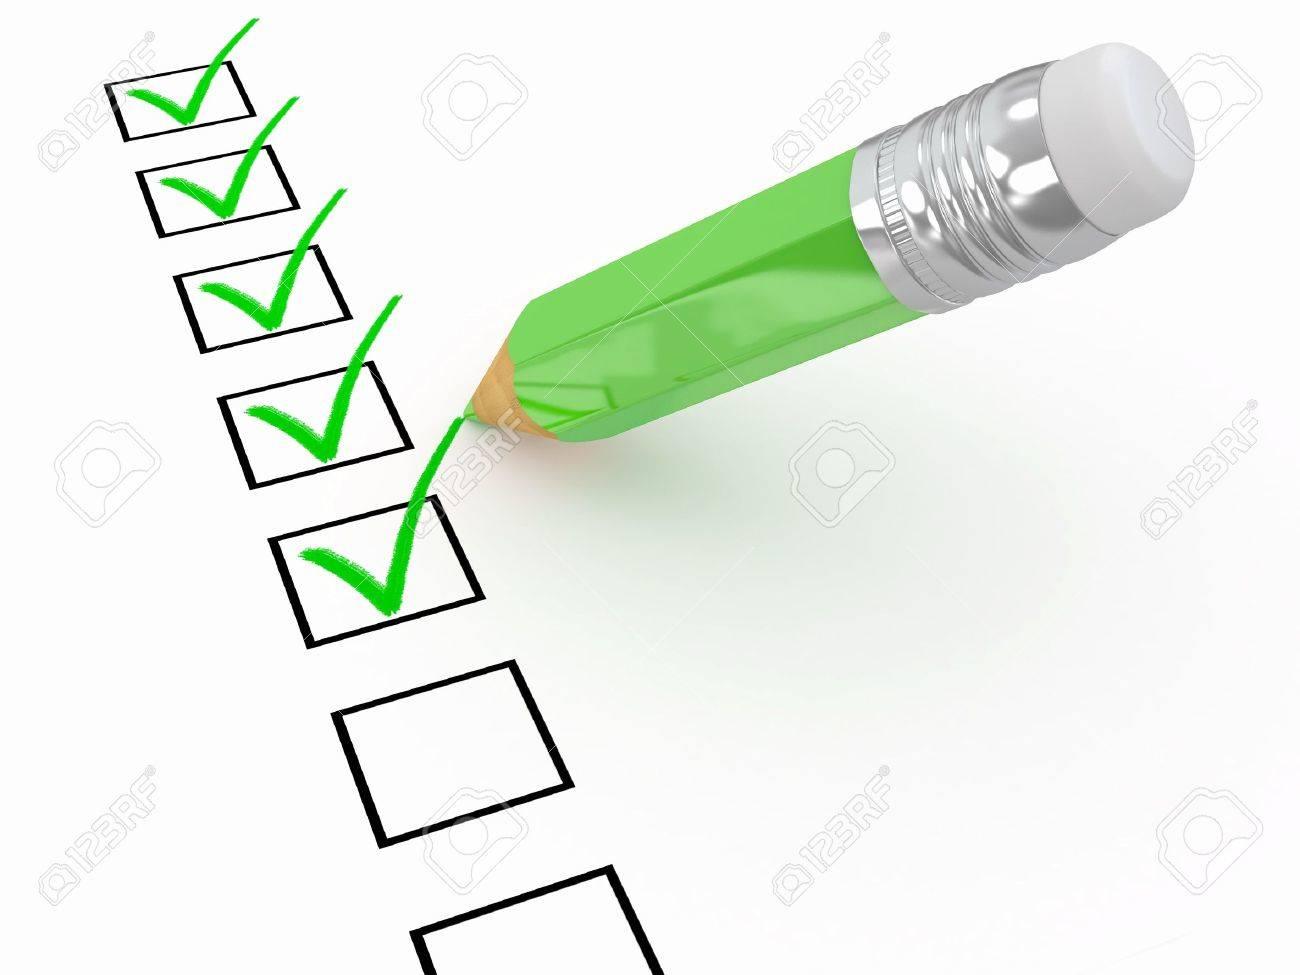 Download 71 Background Questionnaire Gratis Terbaik